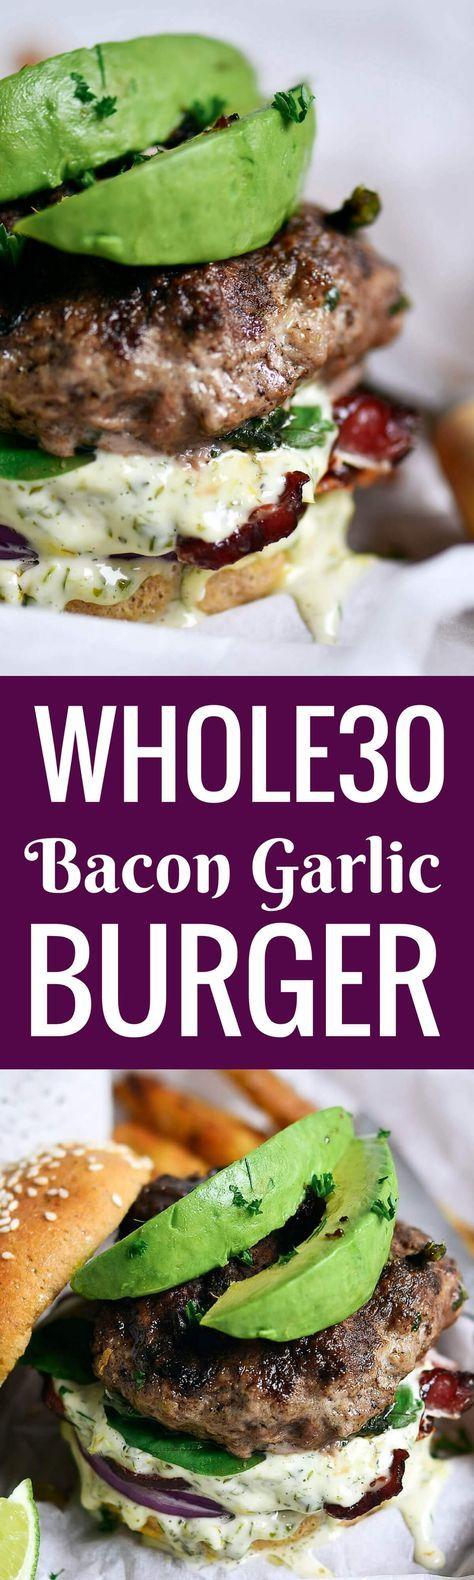 Paleo Whole30 Bacon Garlic Avocado Burger | Paleo Gluten Free Eats